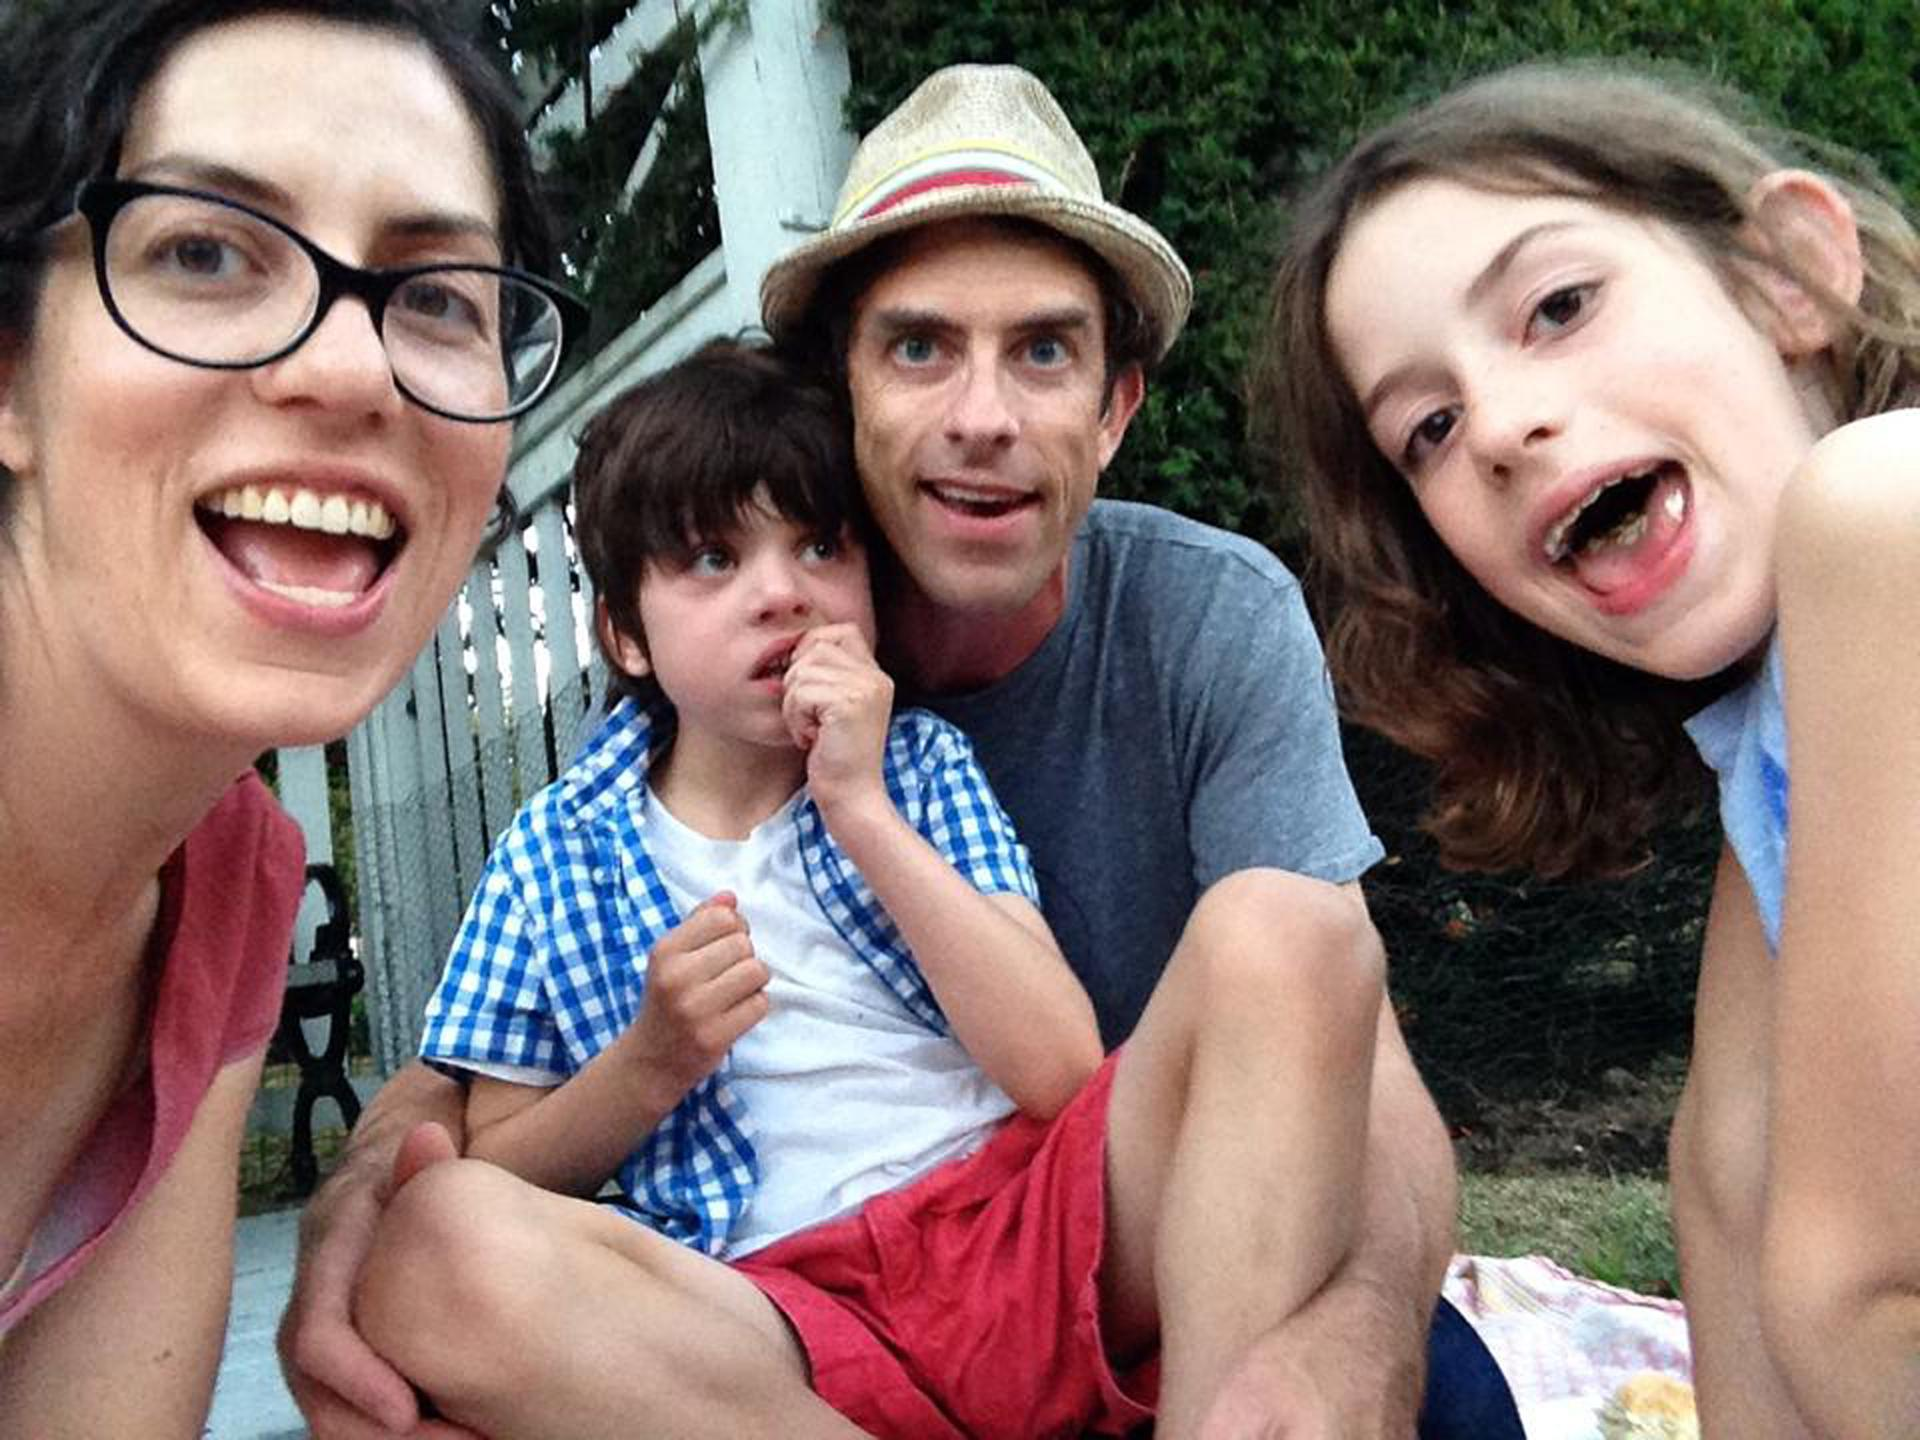 Alysia Abbott, Jeff Howe, Annabel Abbott Howe, and Finn Abbott Howe.